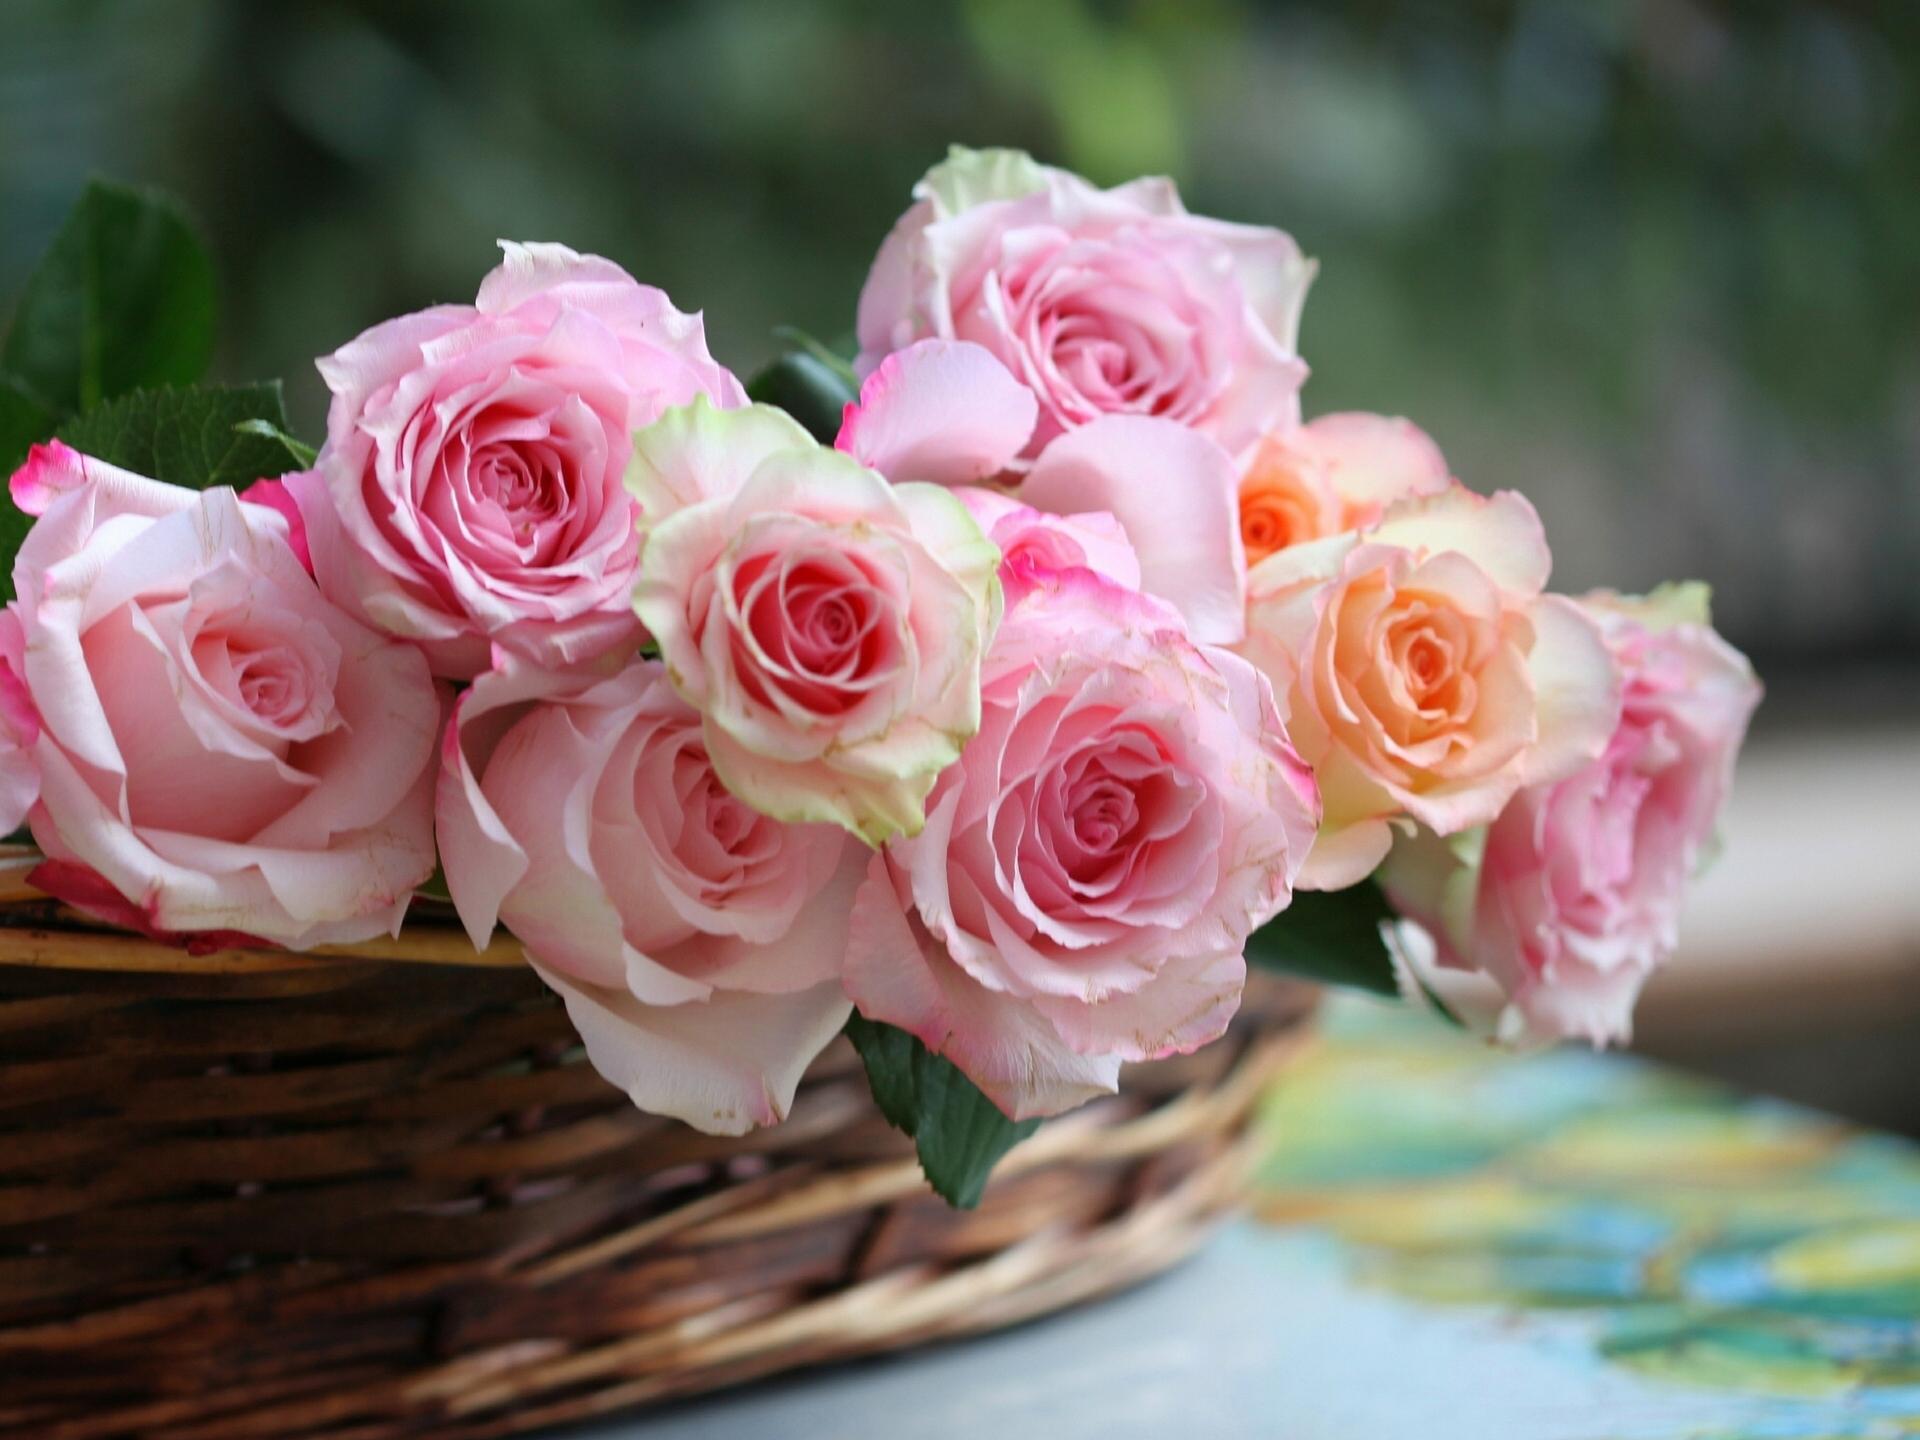 букет роз обои на рабочий стол в высоком качестве № 178065 загрузить